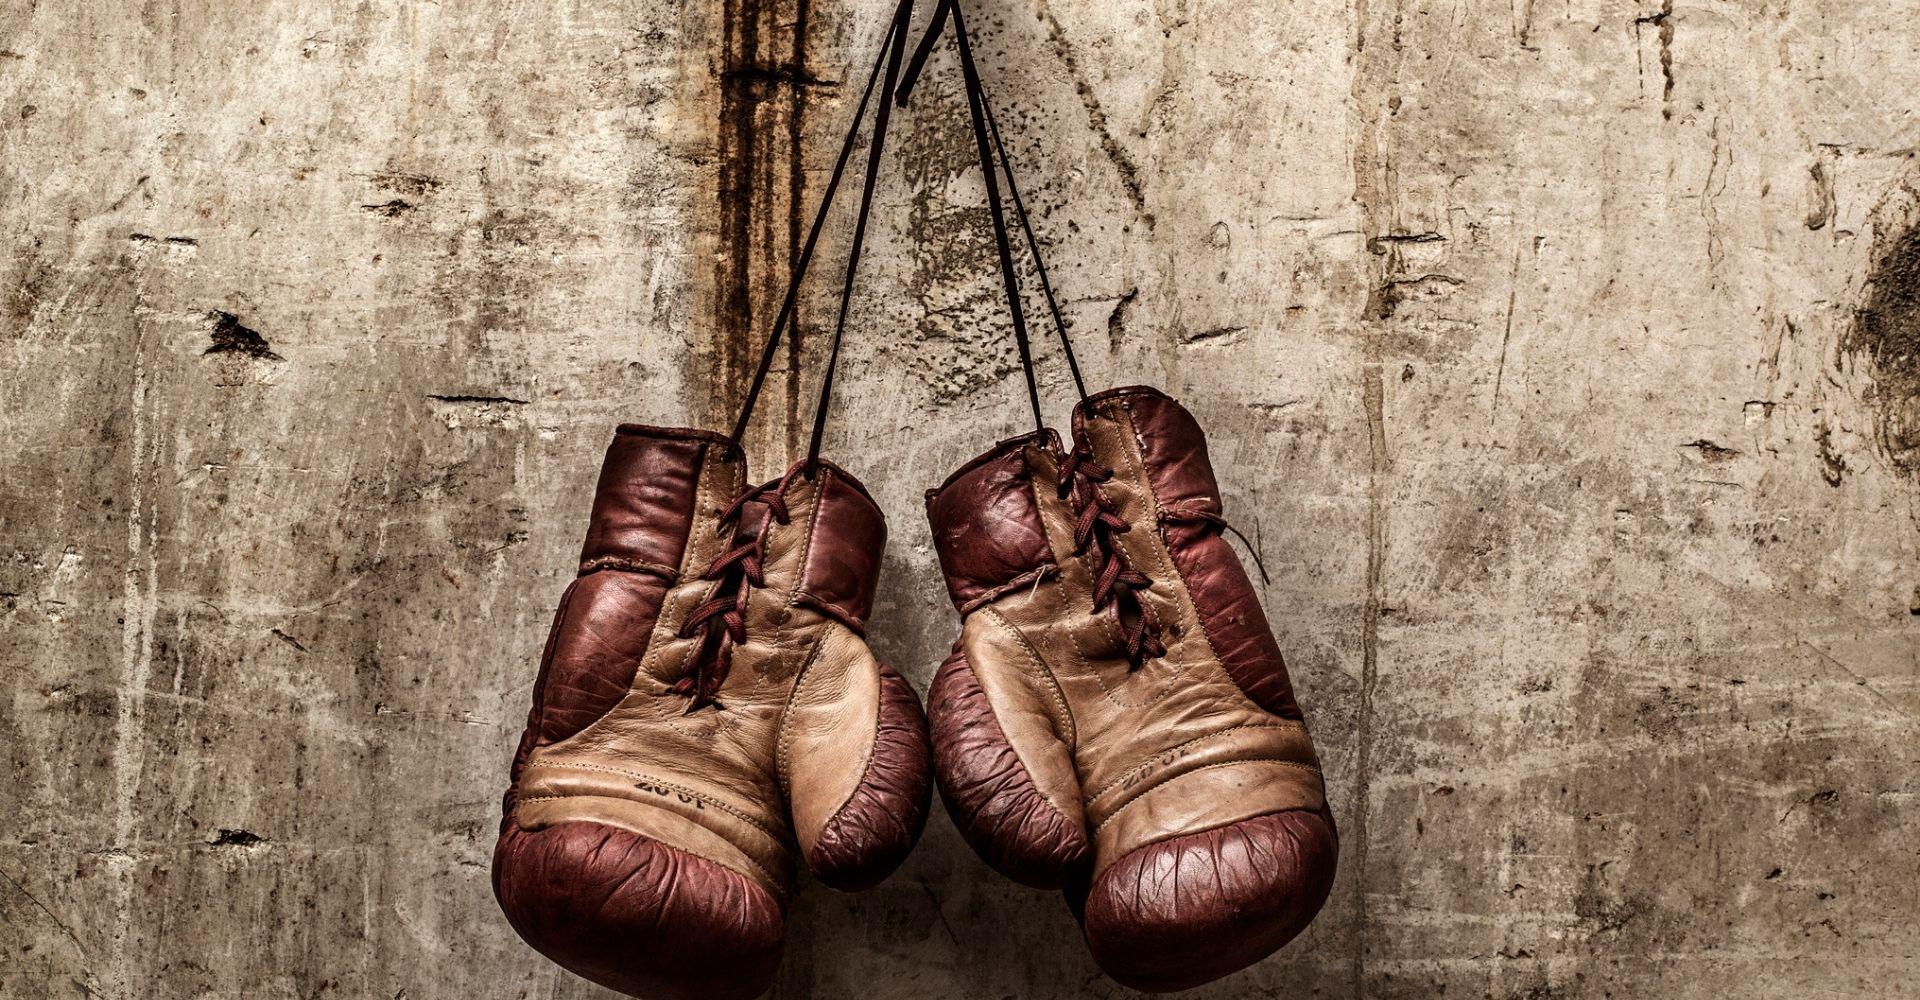 Tutto il resto è Vietnam, boxe e psicofarmaci: la violenta autenticità dei racconti di Thom Jones